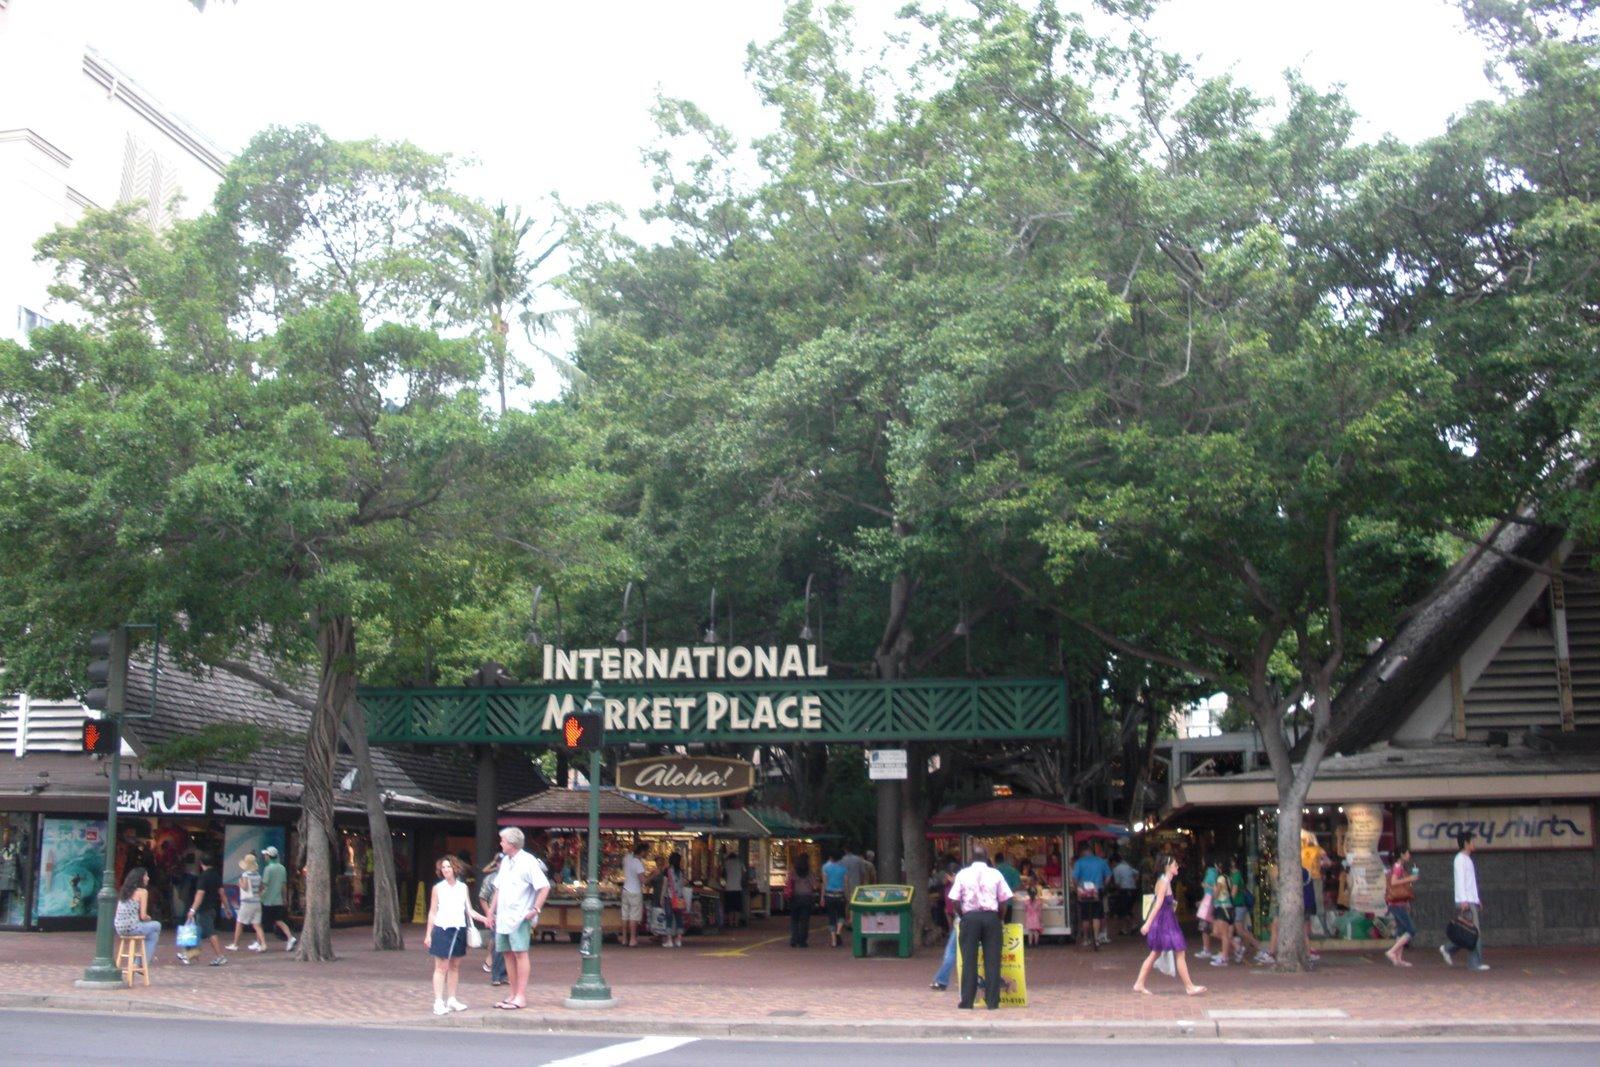 Honolulu International Marketplace International Marketplace For